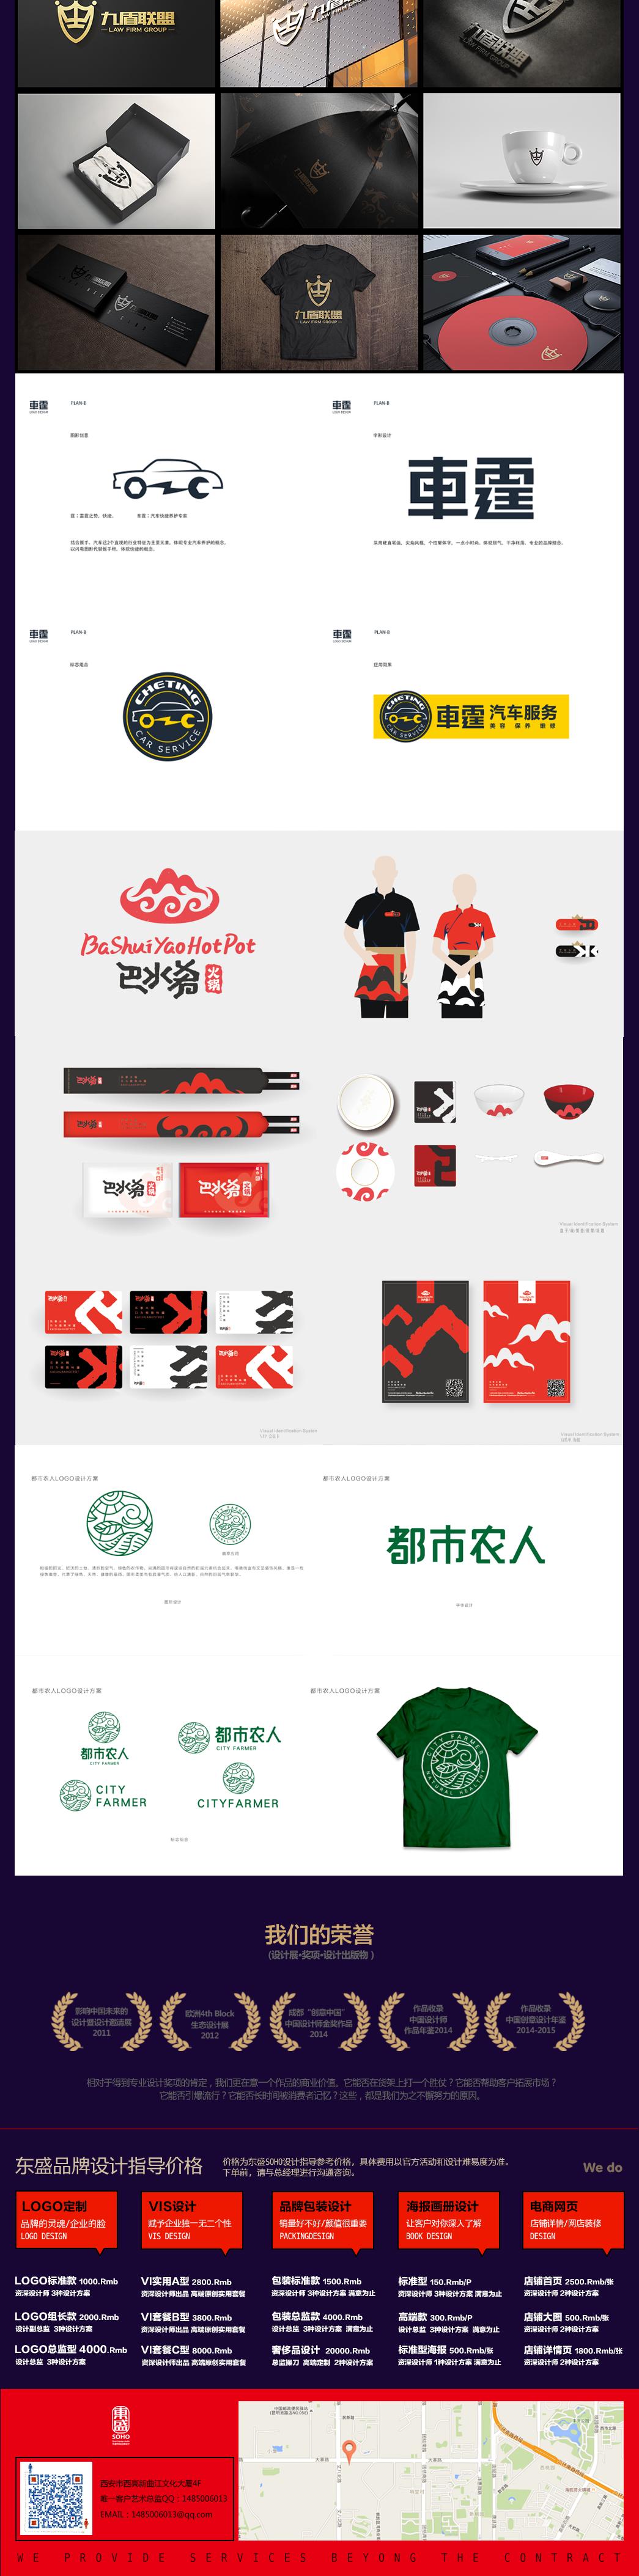 LOGO设计_店标服饰英文门店餐饮品牌公司logo设计原创高端logo设计2